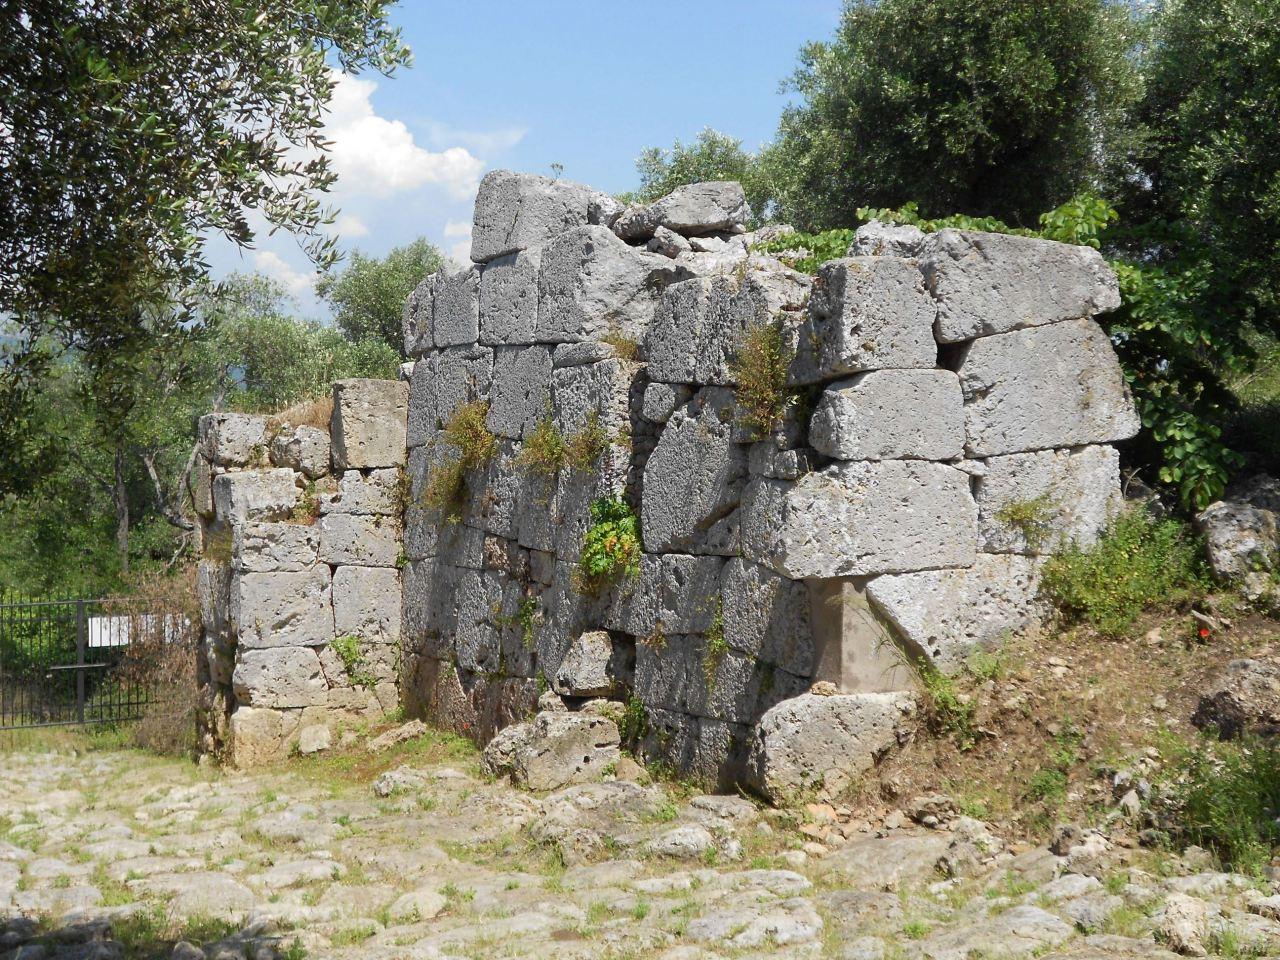 Cosa-Mura-Megalitiche-Ansedonia-Grosseto-Toscana-Italia-44